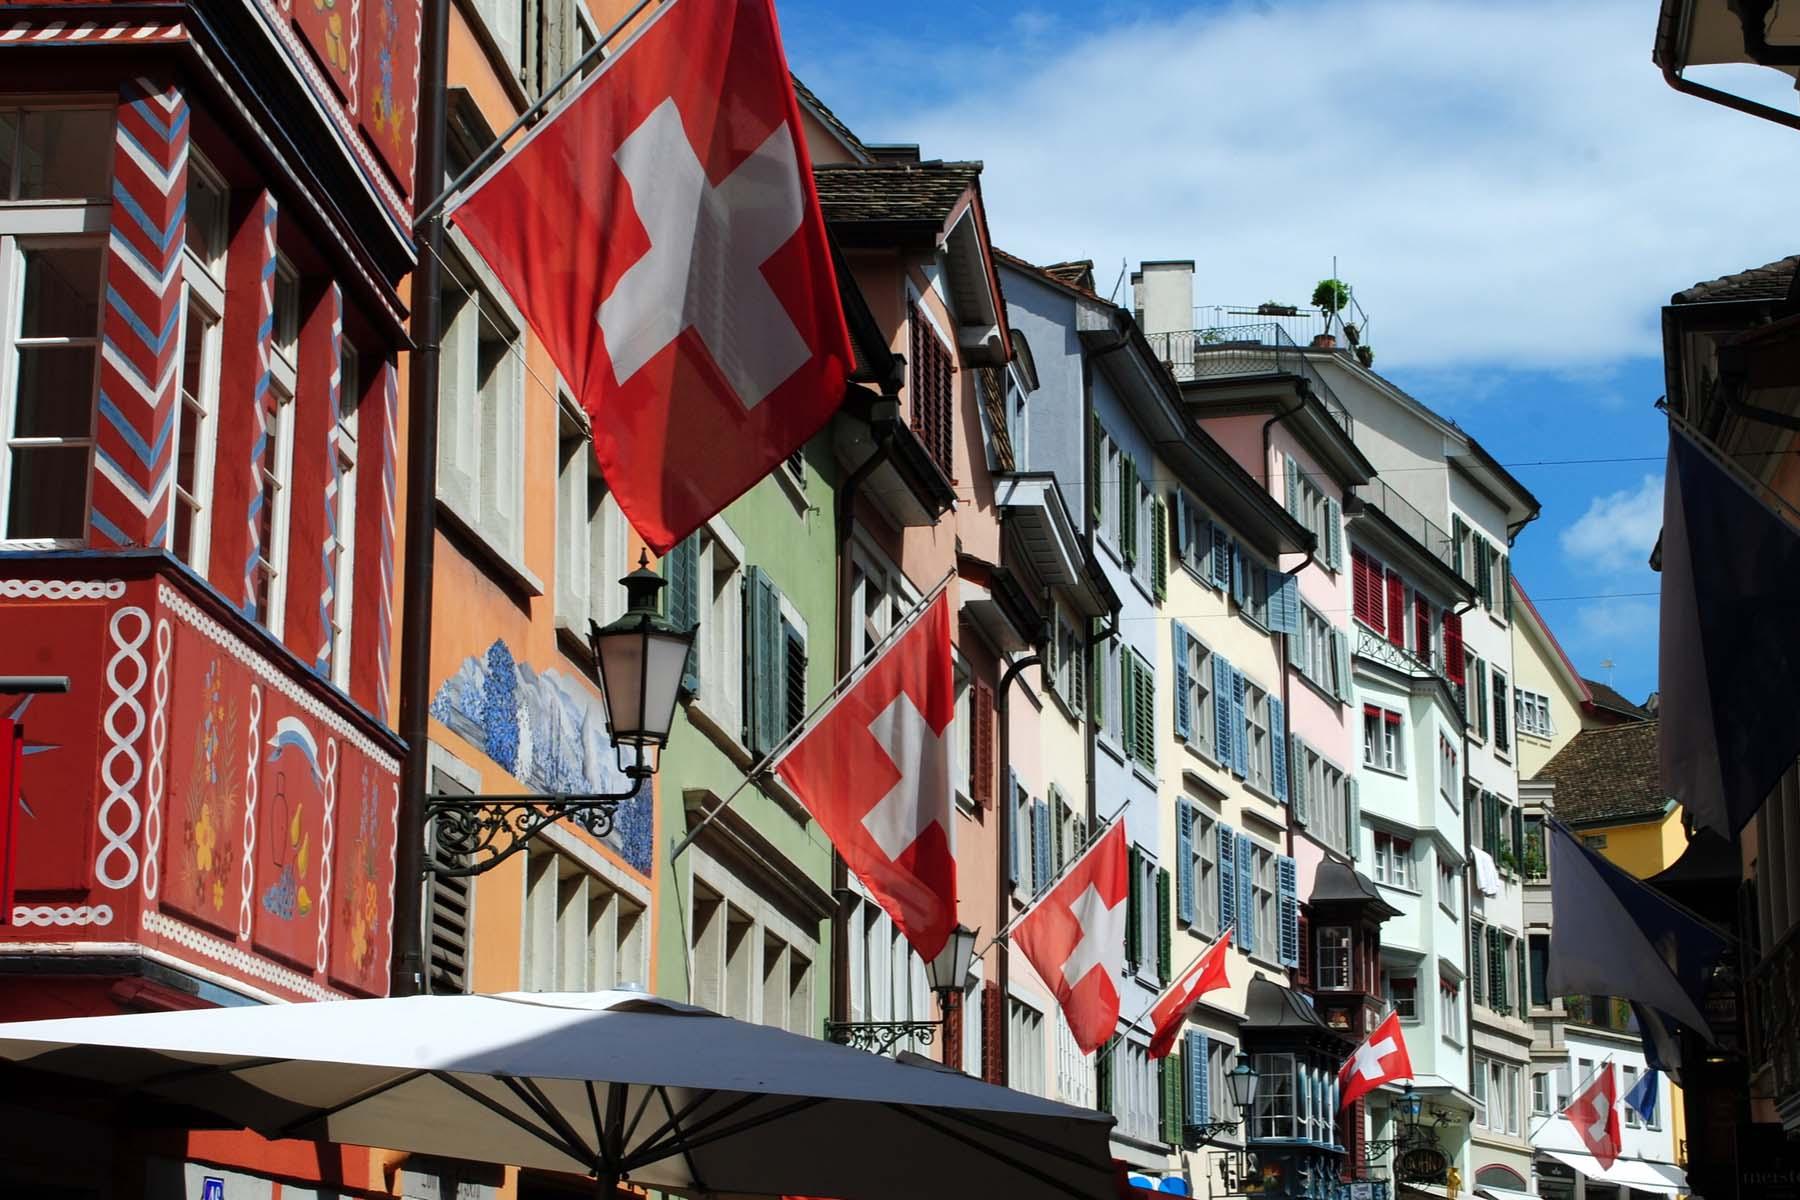 apartments in Zurich